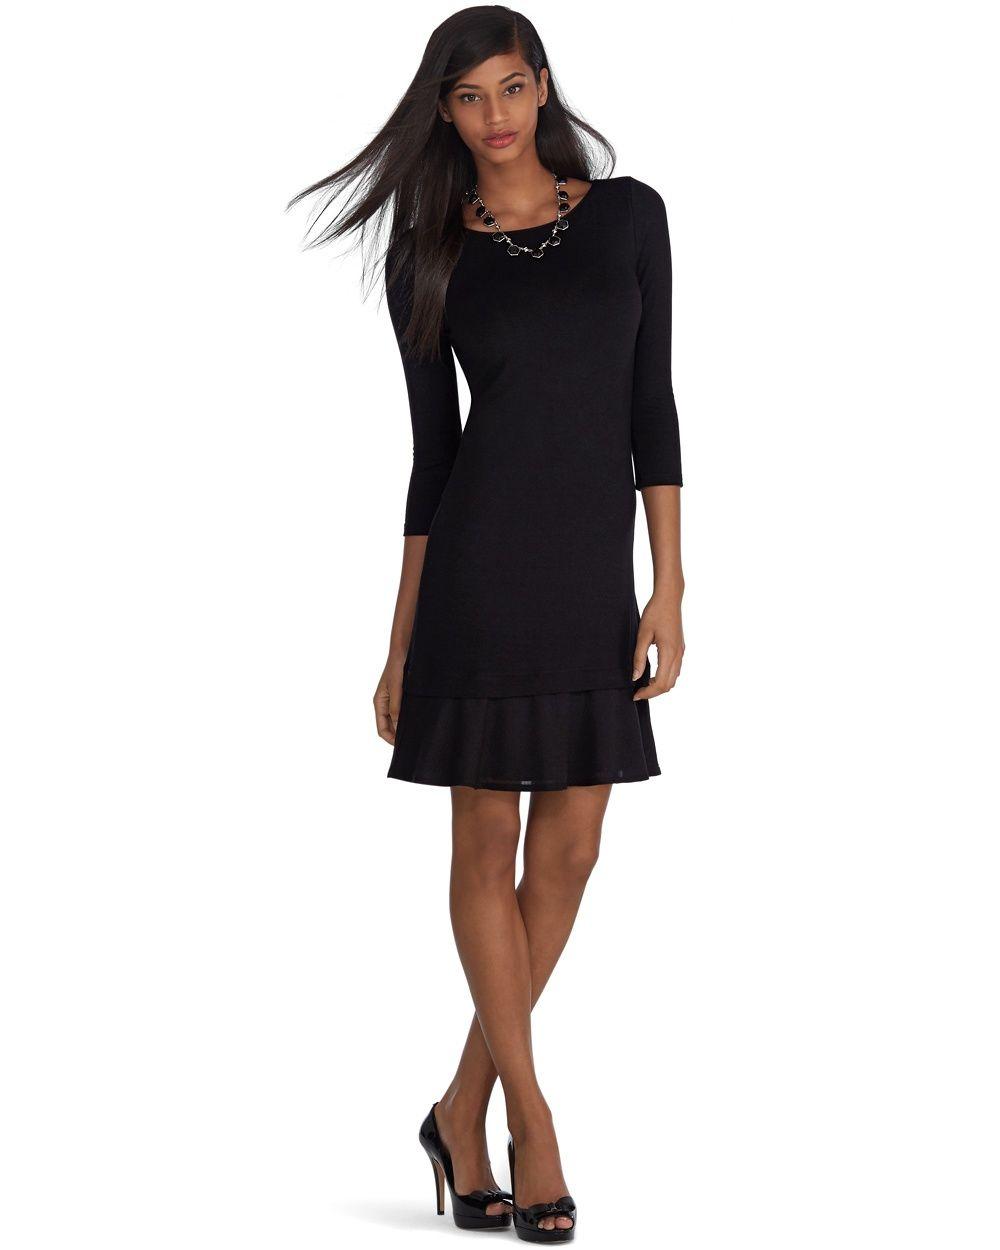 For A Little Black Dress White House Market